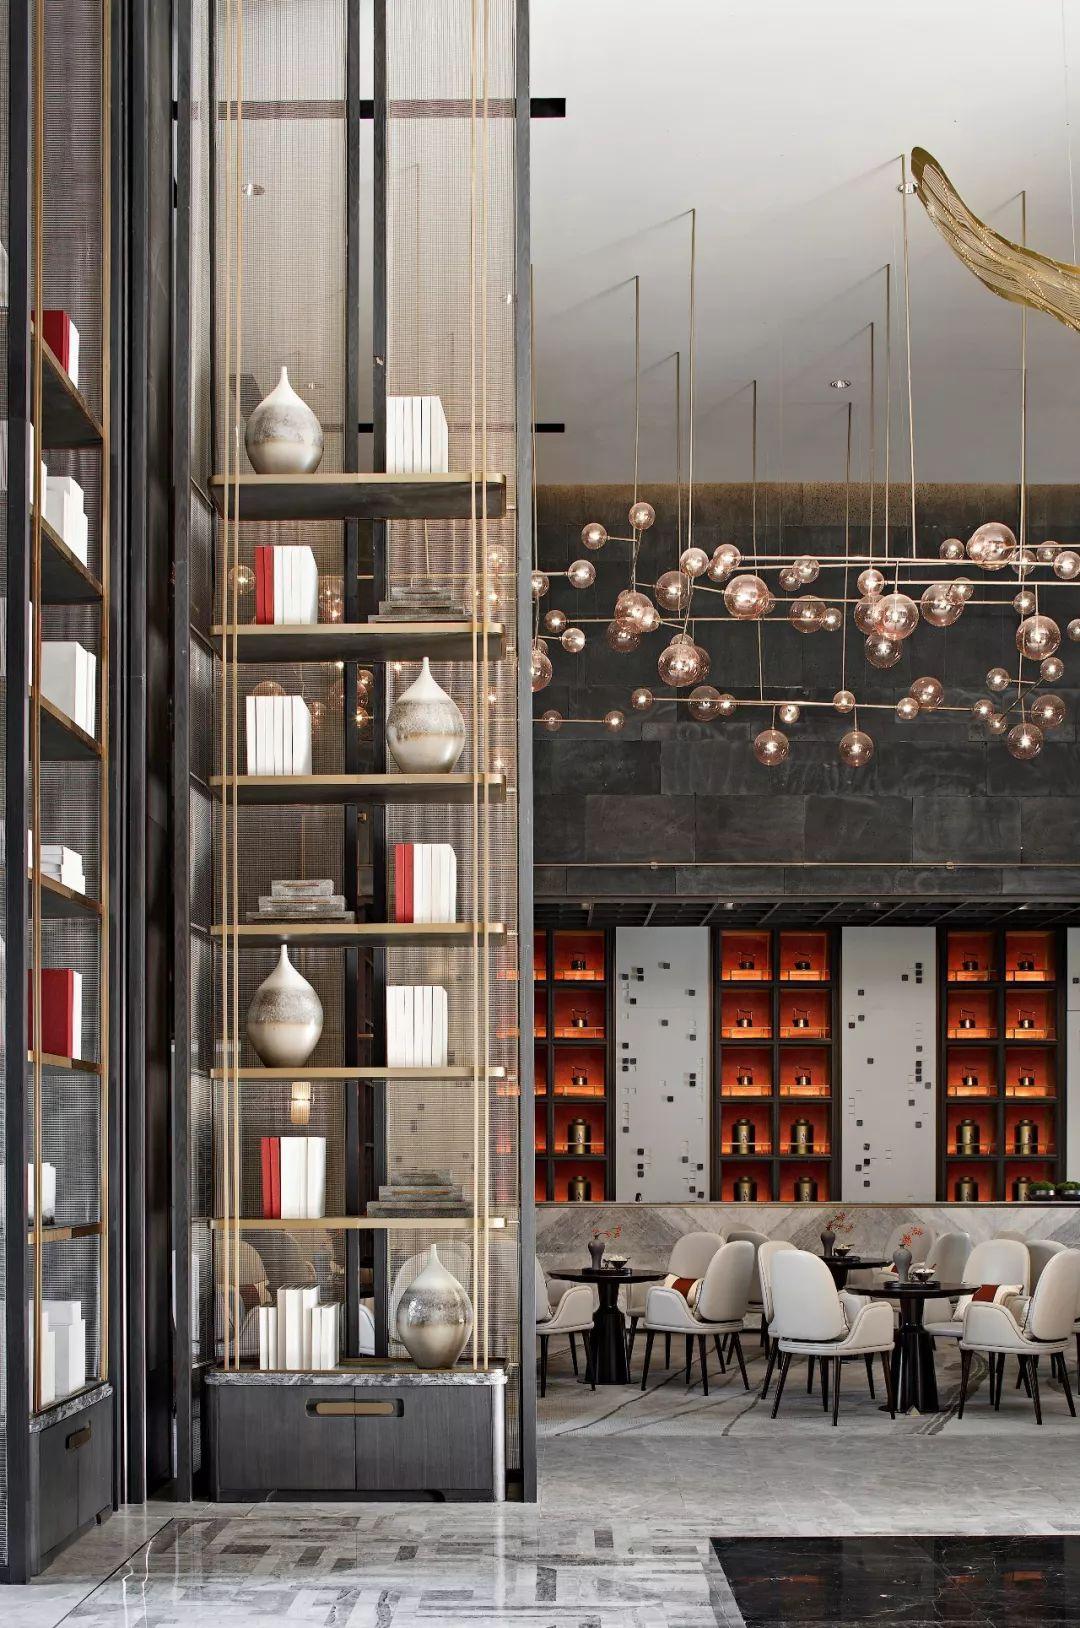 黃全新作首發 靜謐雅緻的設計語境 東方寫意的完美演繹 環球設計1724期 環球設計 微文庫 hotel interior design lobby design hotel lobby design